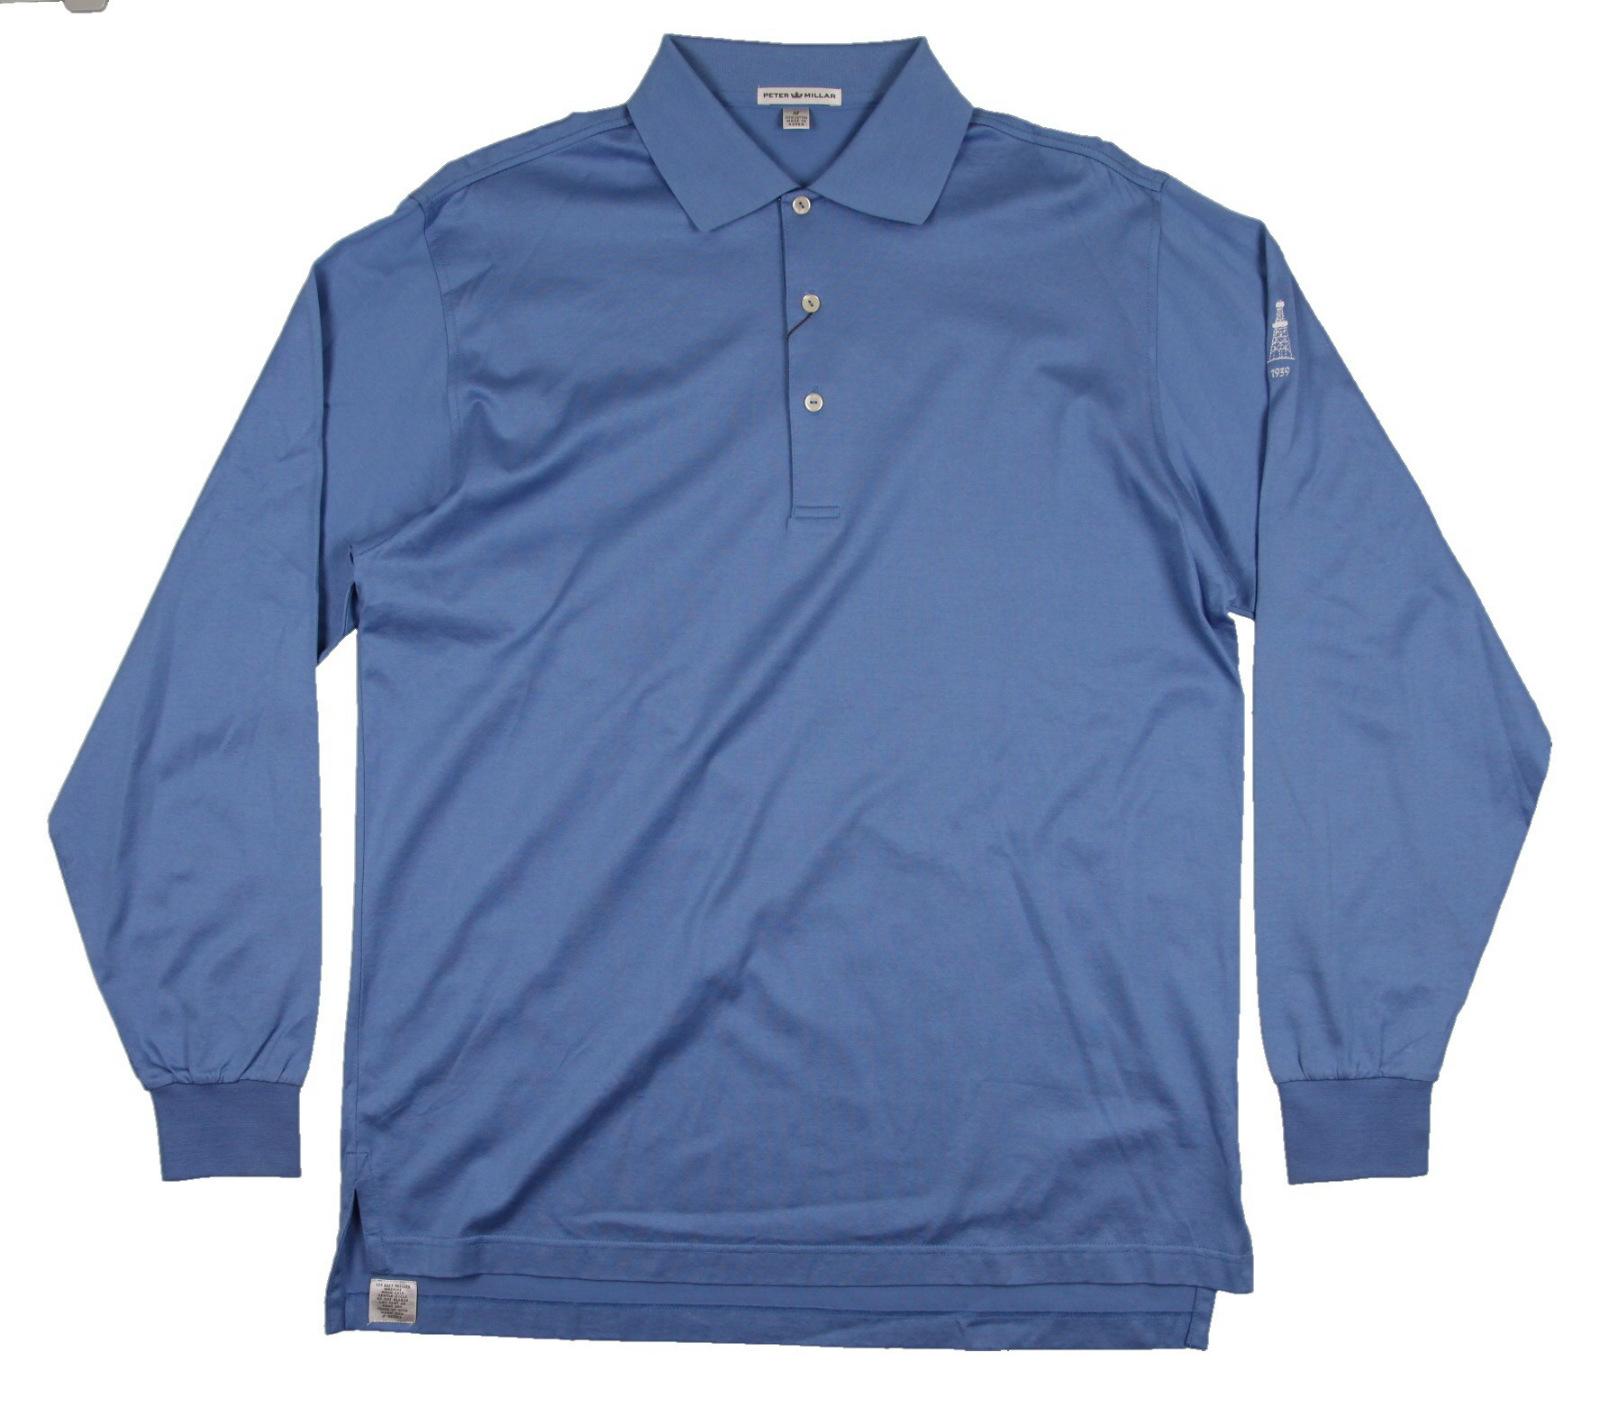 New men 39 s peter millar longsleeve golf polo shirt carbon for Peter millar golf shirts